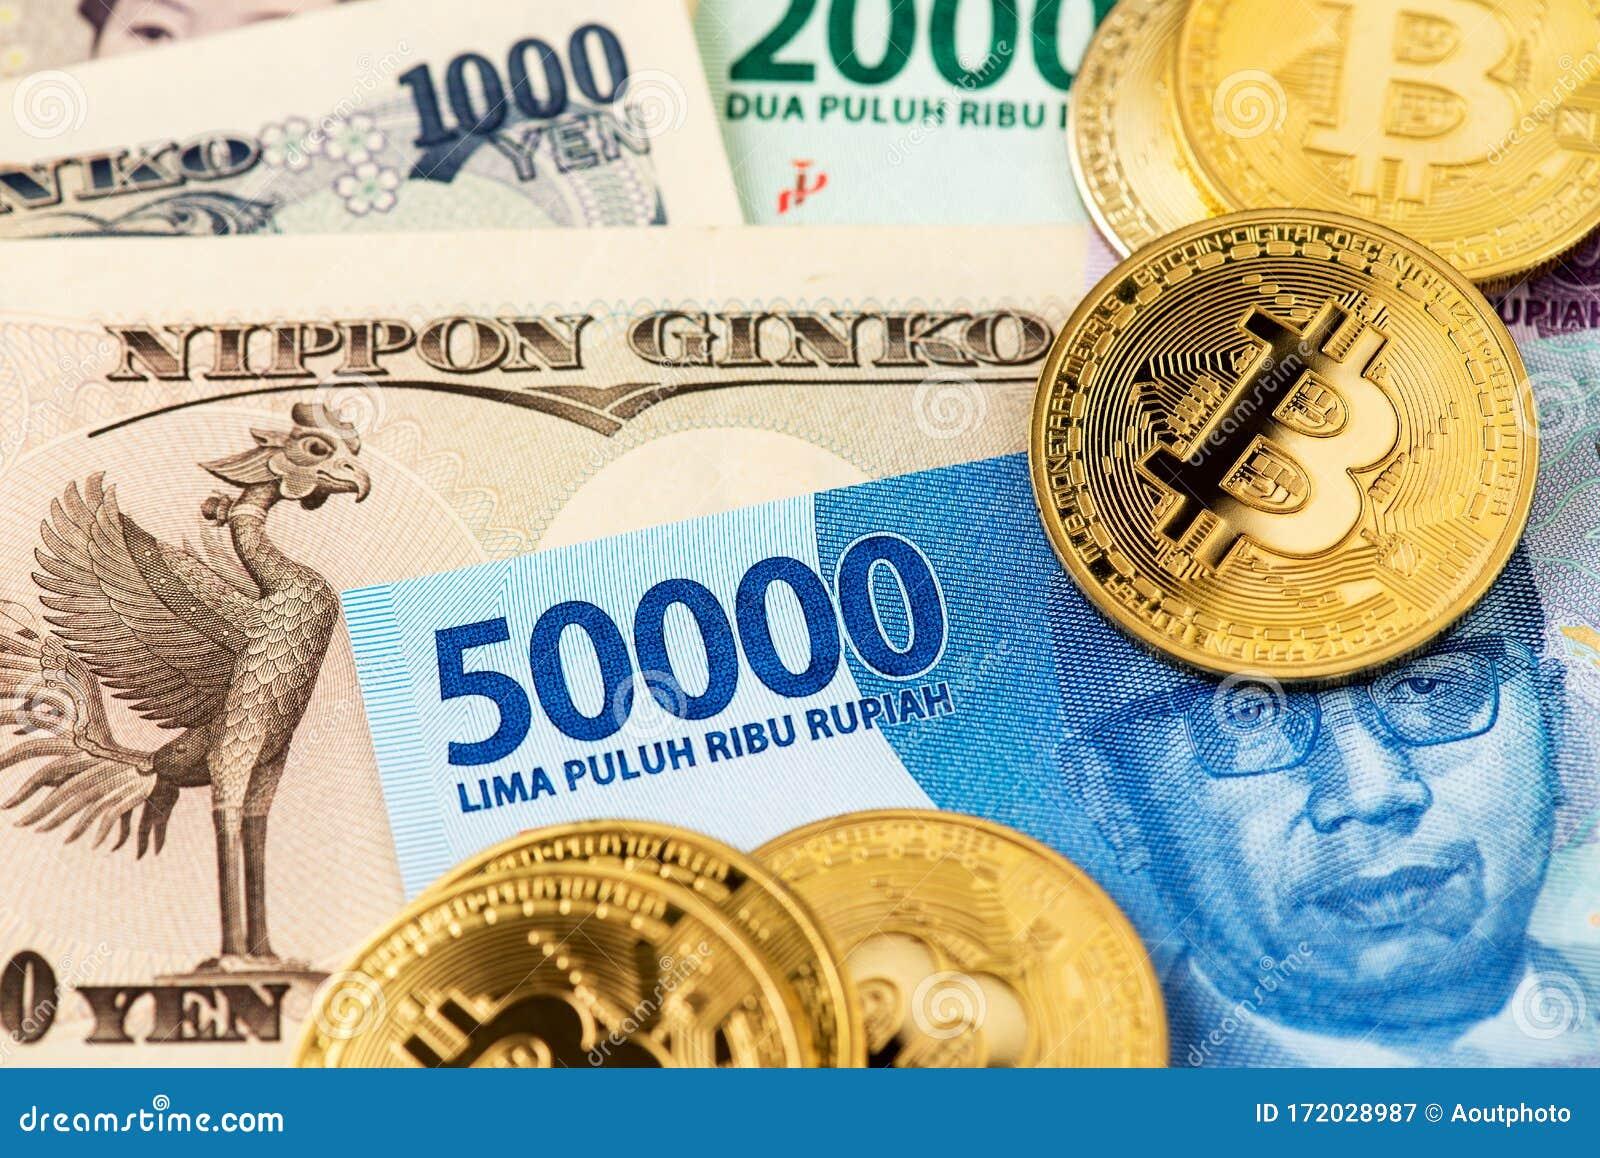 btc rupia